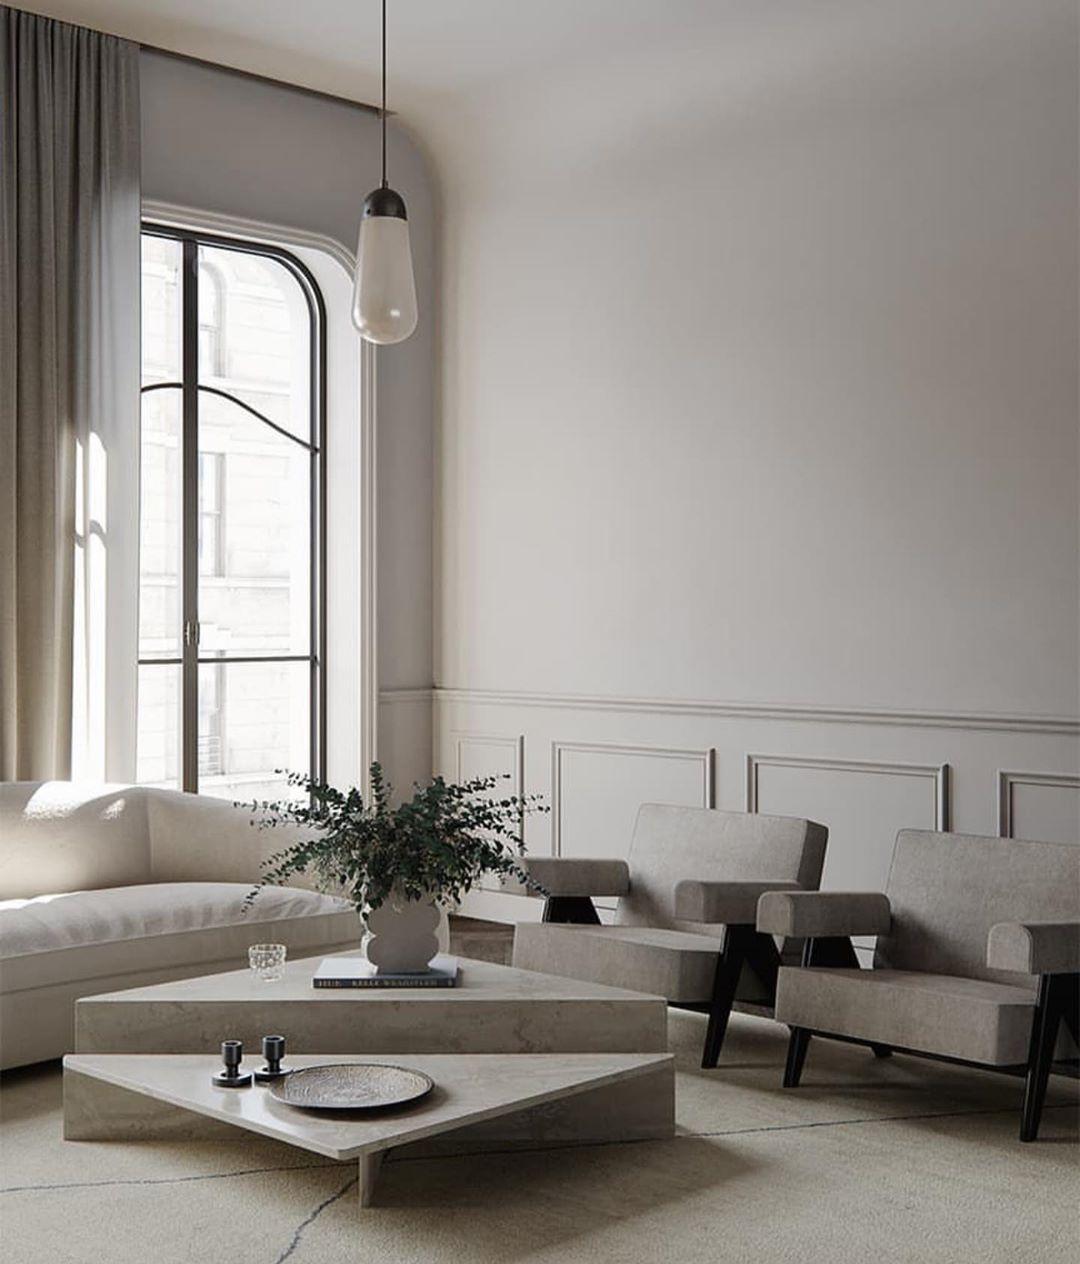 Apartment Design, Luxury Dining